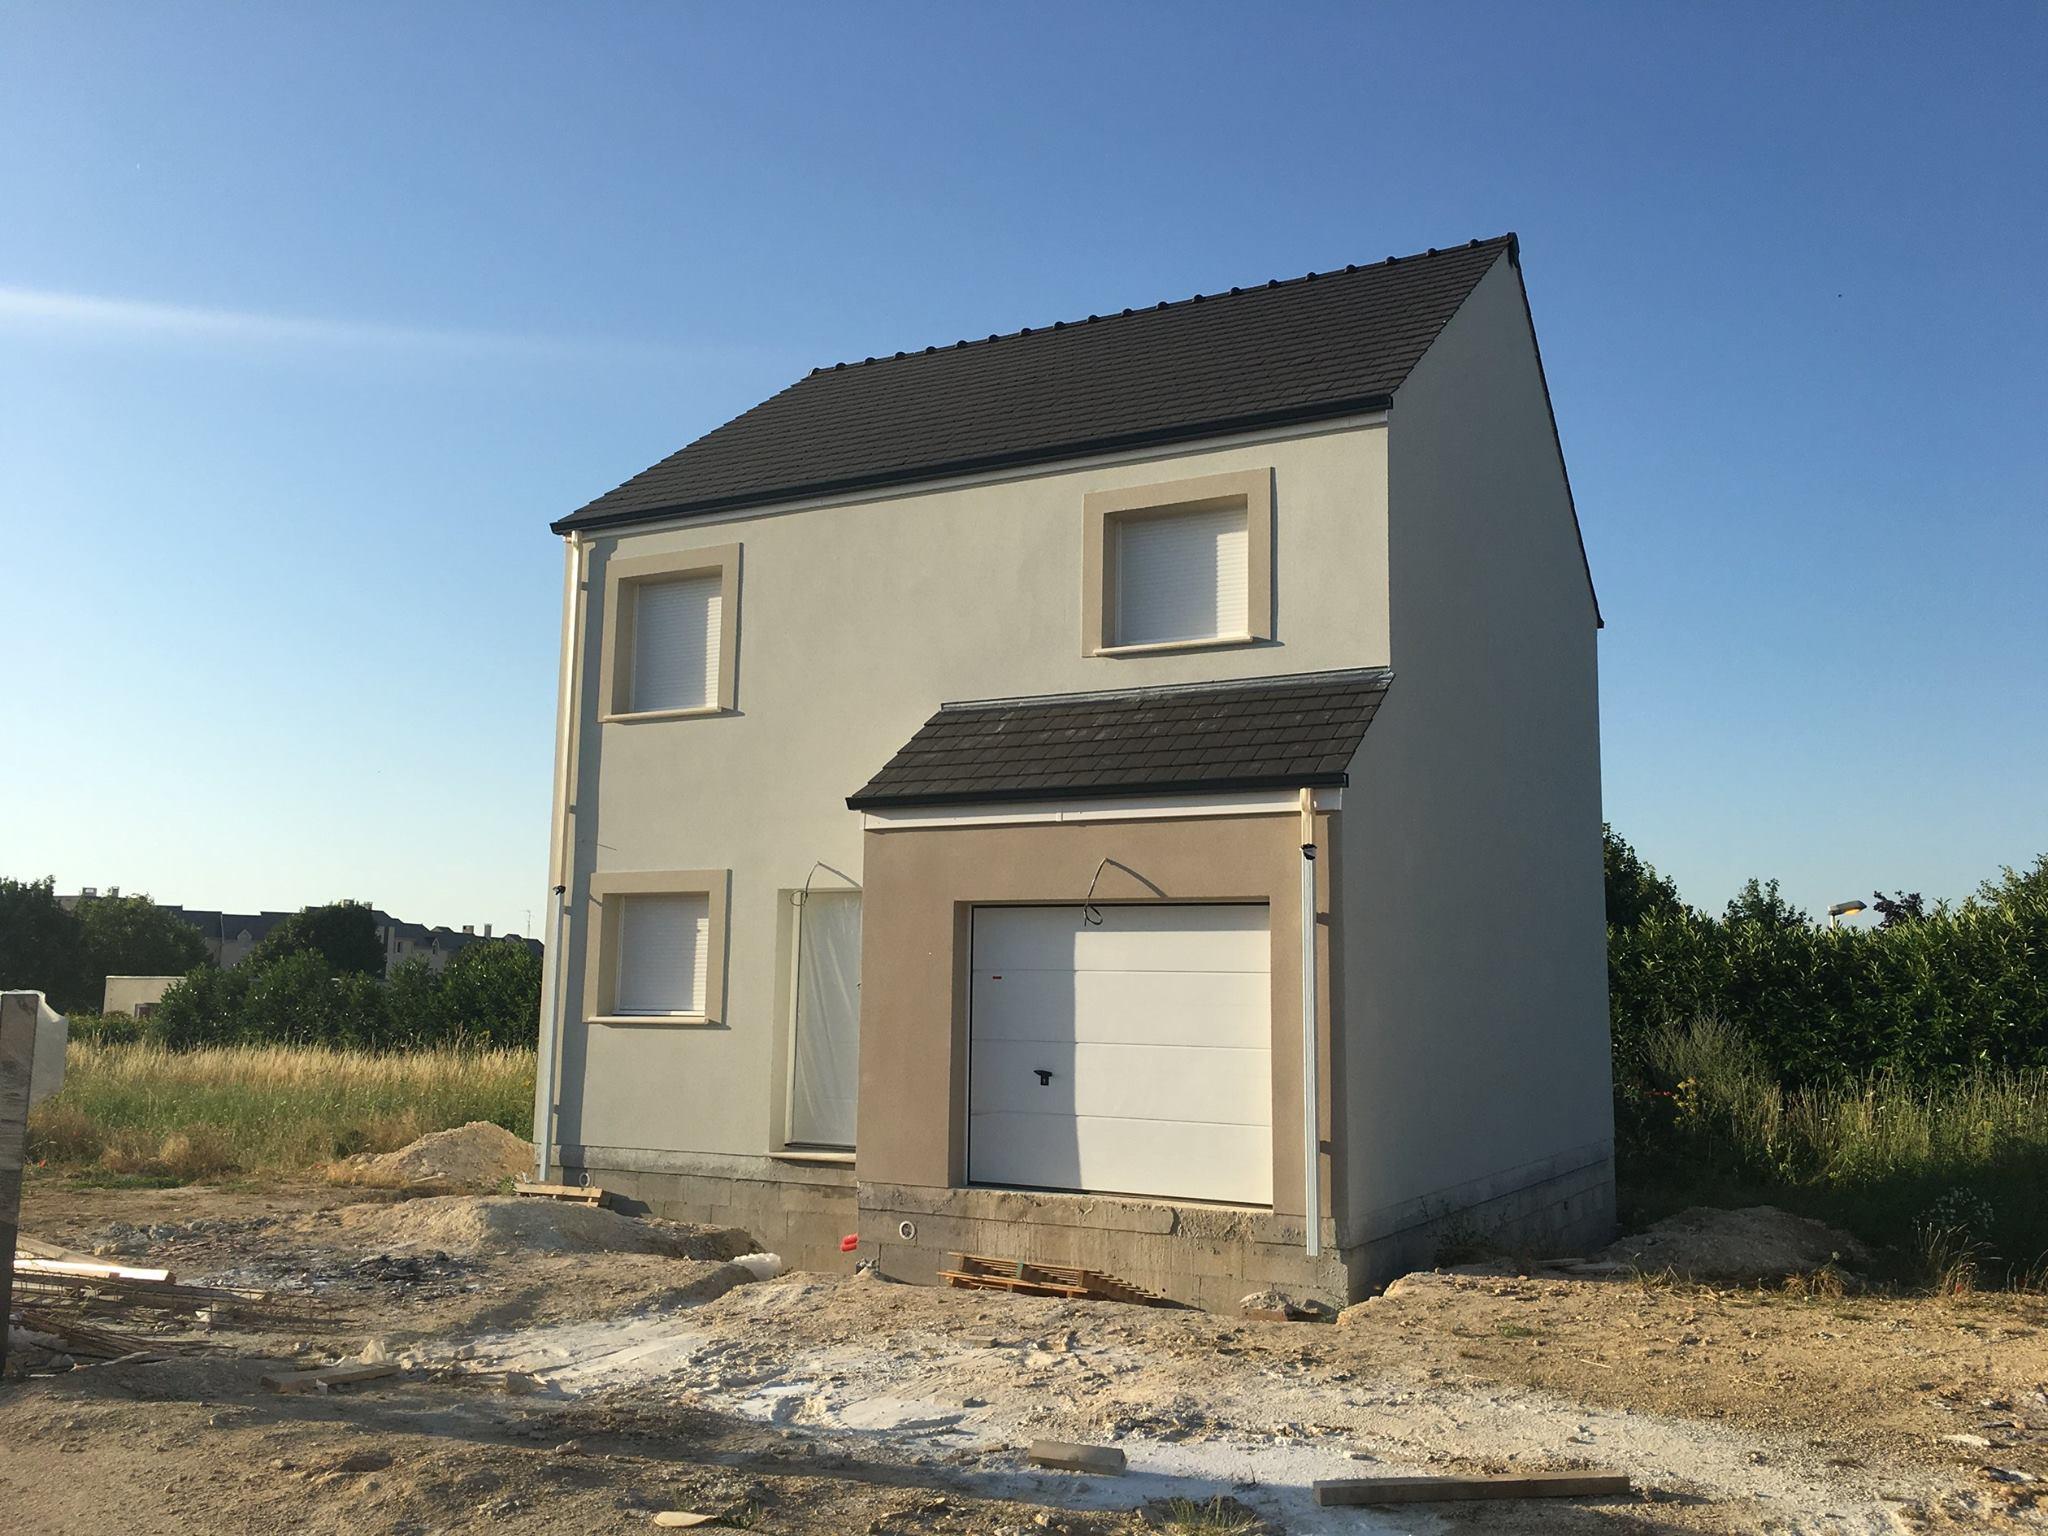 Maison + terrain à SAINT-PATHUS (77178) dans la SEINE-ET-MARNE